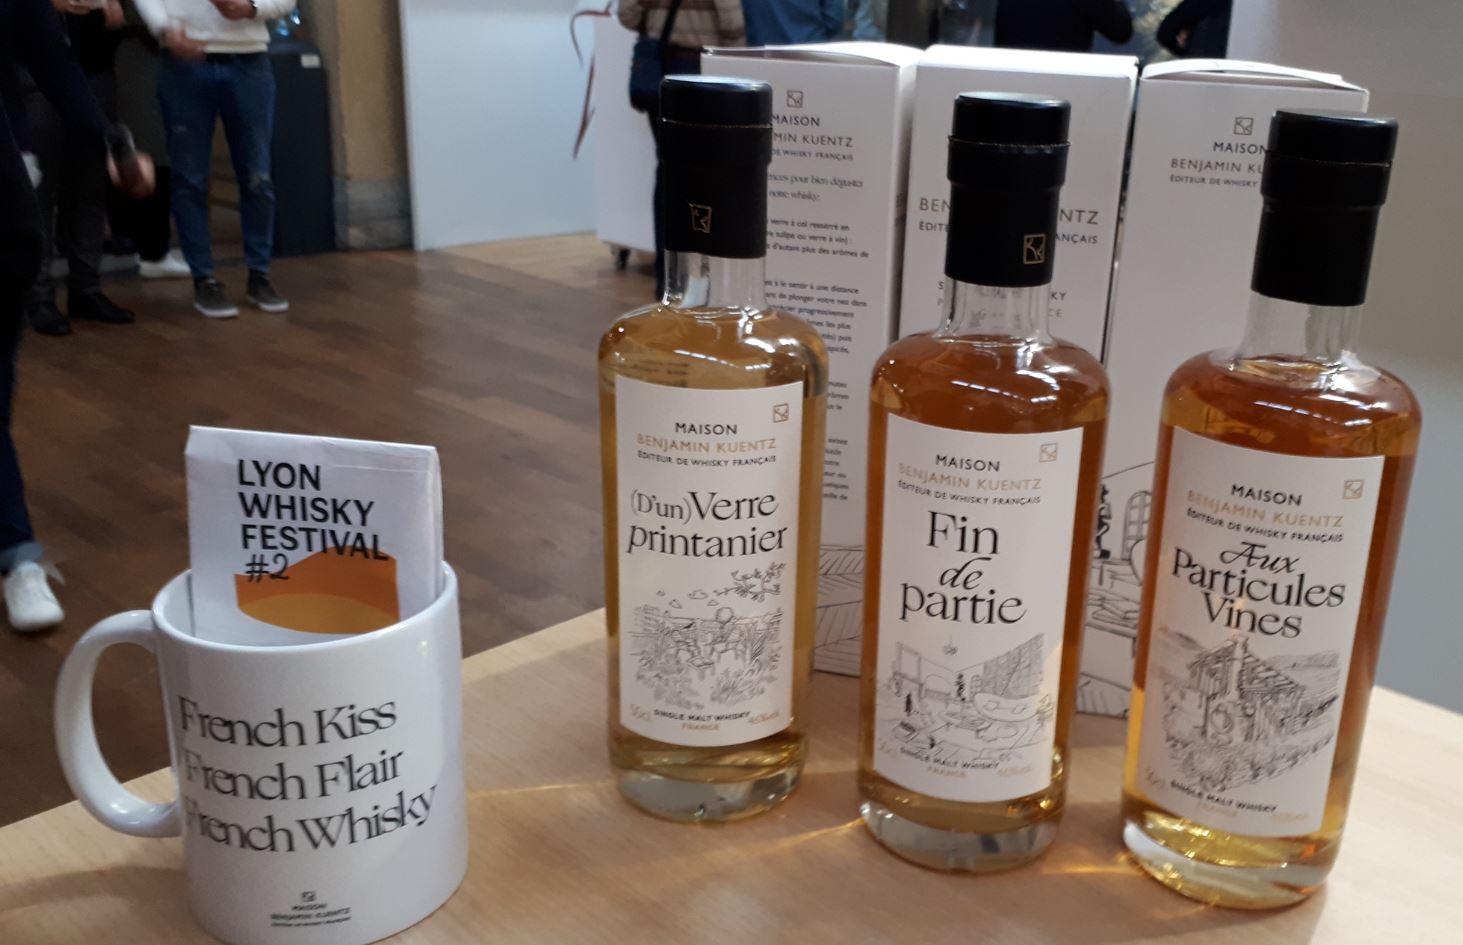 Maison Benjamin Kuentz, éditeur de whisky français